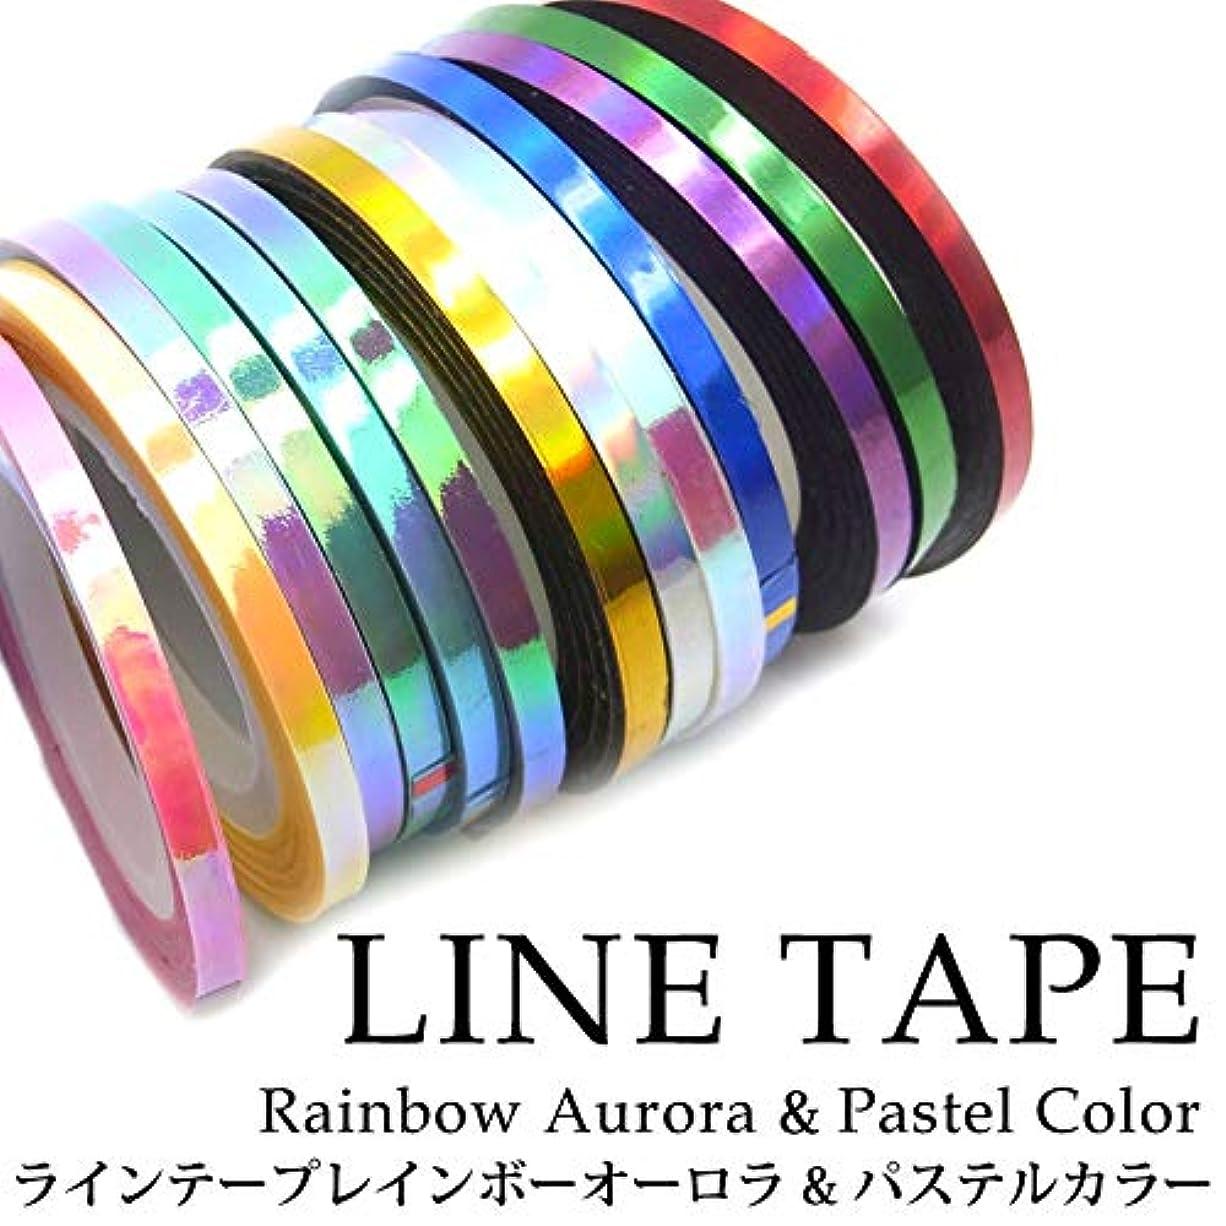 リス柔らかさ浸すラインテープ レインボーオーロラ & パステルカラー 各種 3サイズ (2mm, 3.レインボーオーロラクリア)